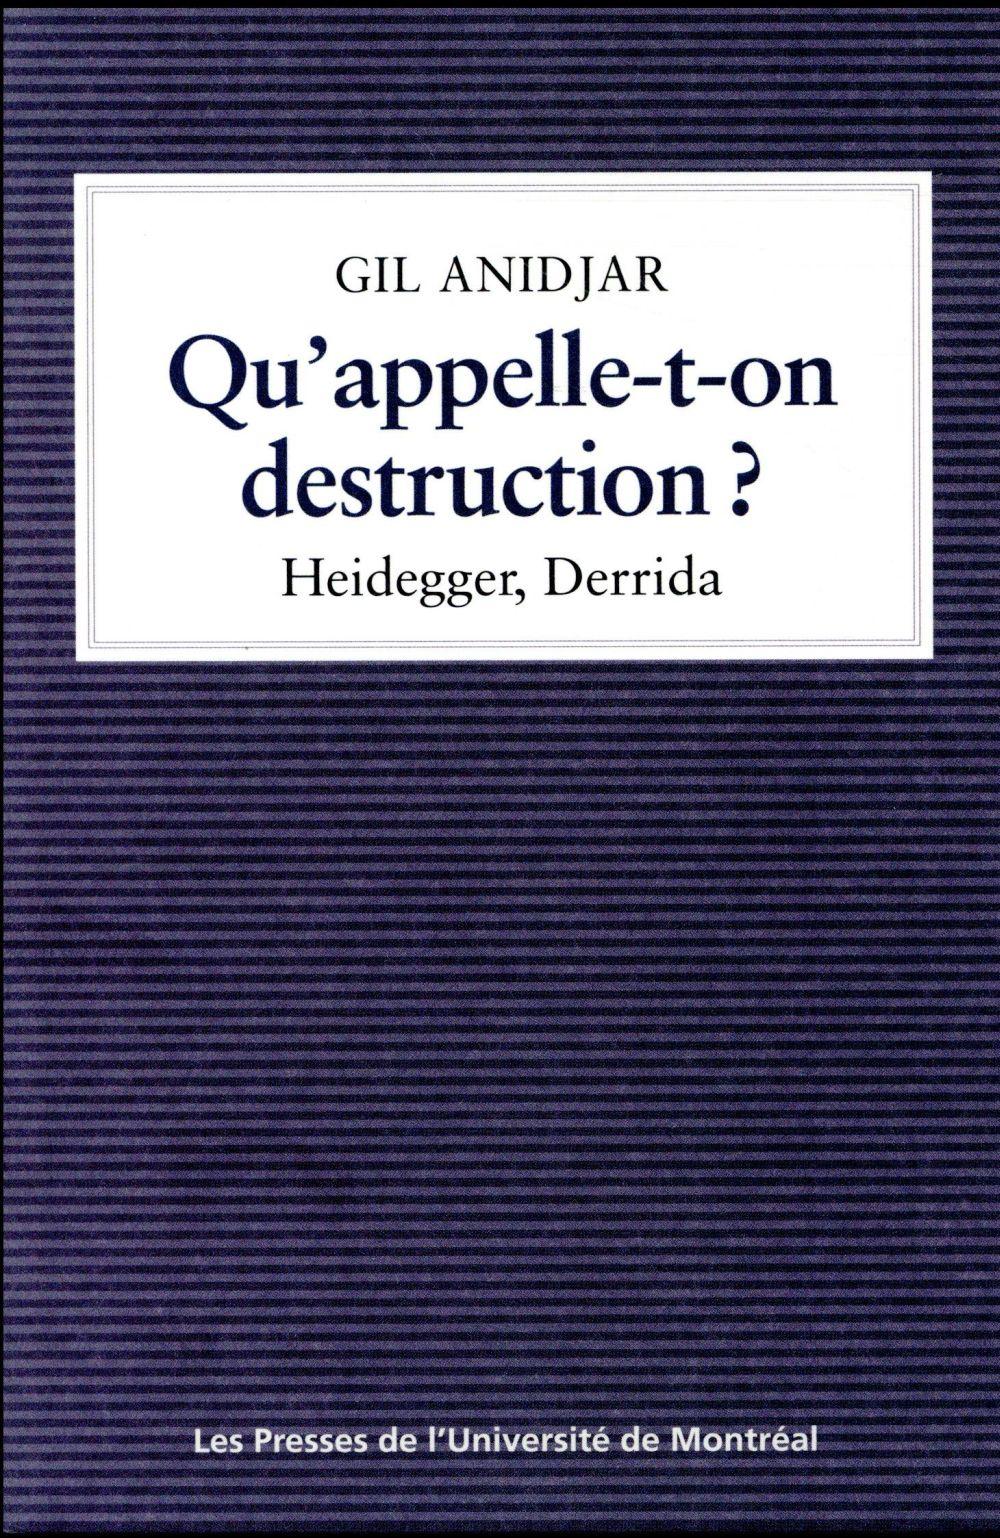 QU APPELLE T ON DESTRUCTION ? HEIDEGGER, DERRIDA